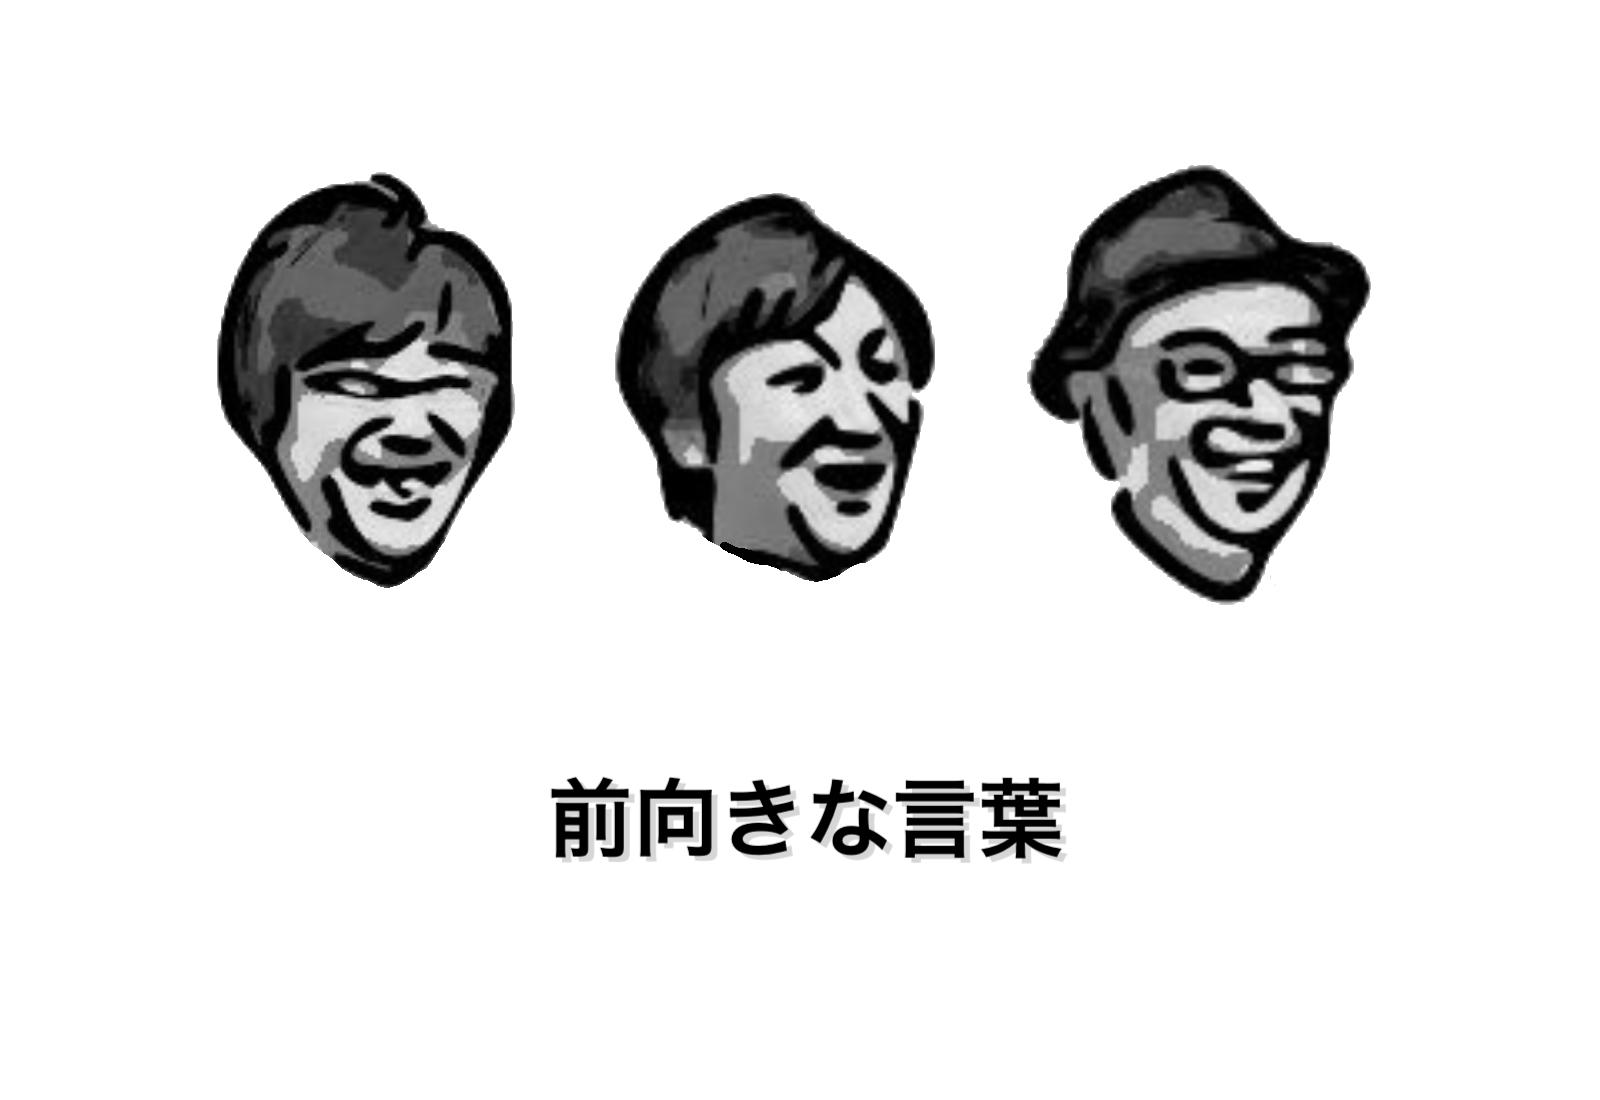 東京03コント「前向きな言葉」から分かる一番大事なこと